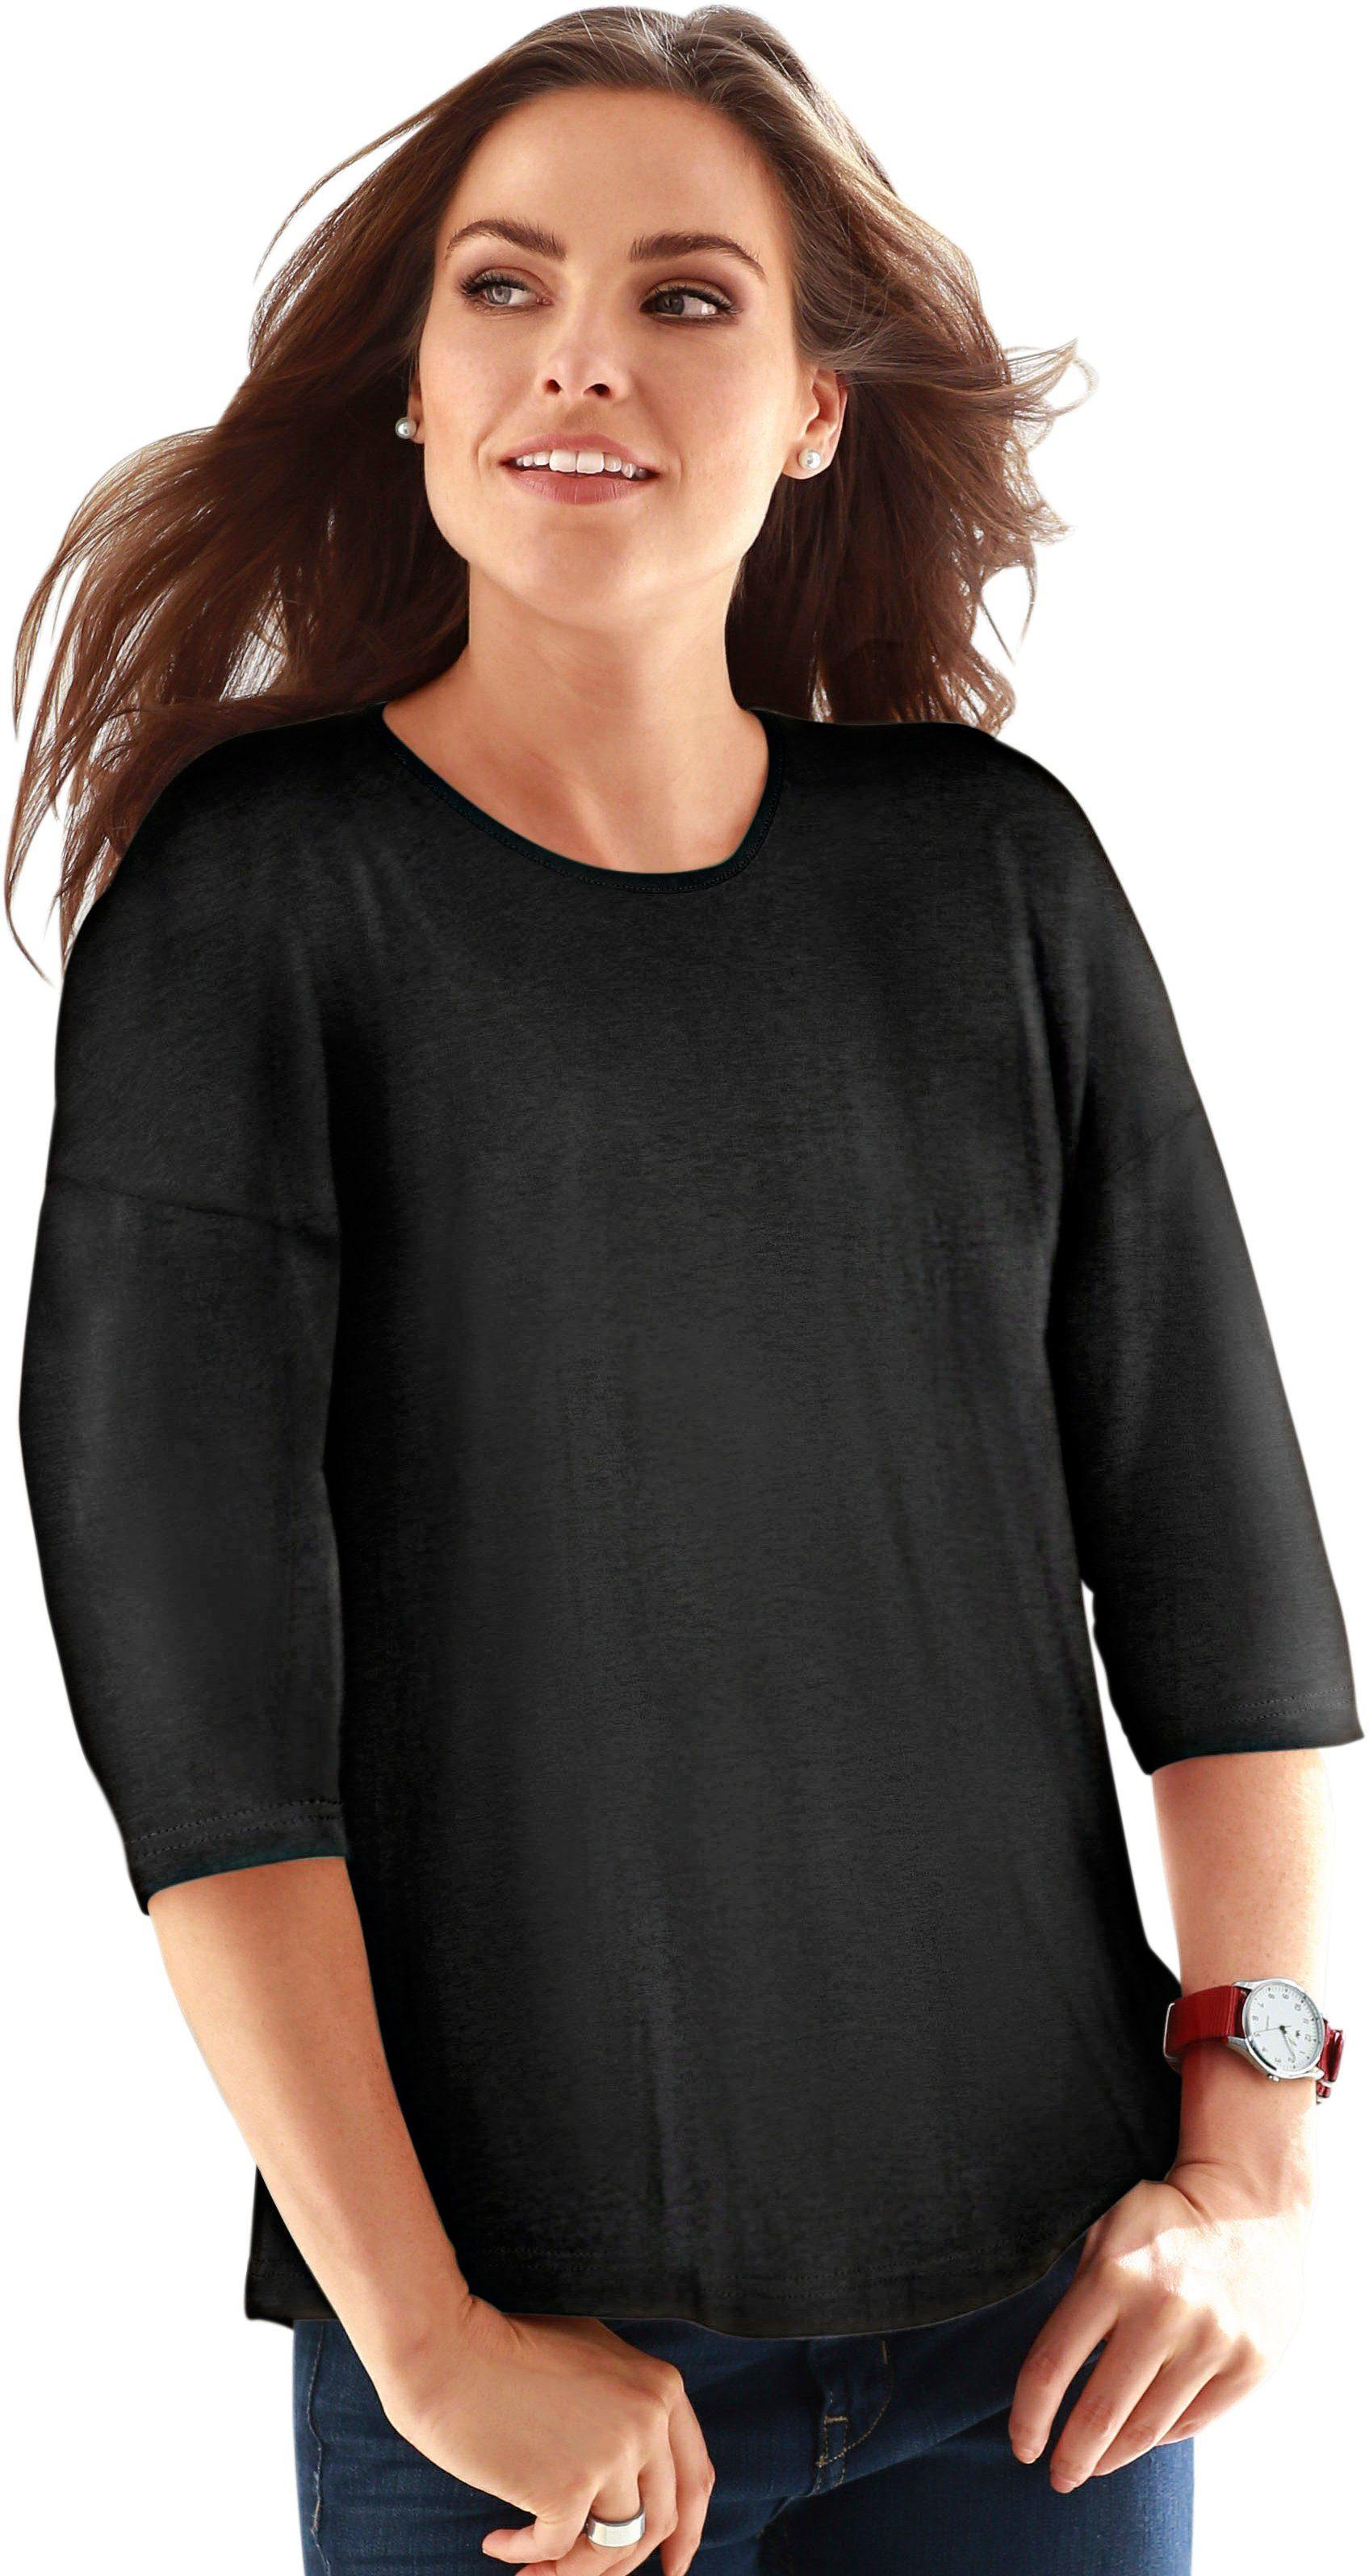 Classic Basics Überschnittenen Online Form Shirt weite Kaufen SchulternLässig Mit nk0PwXN8OZ